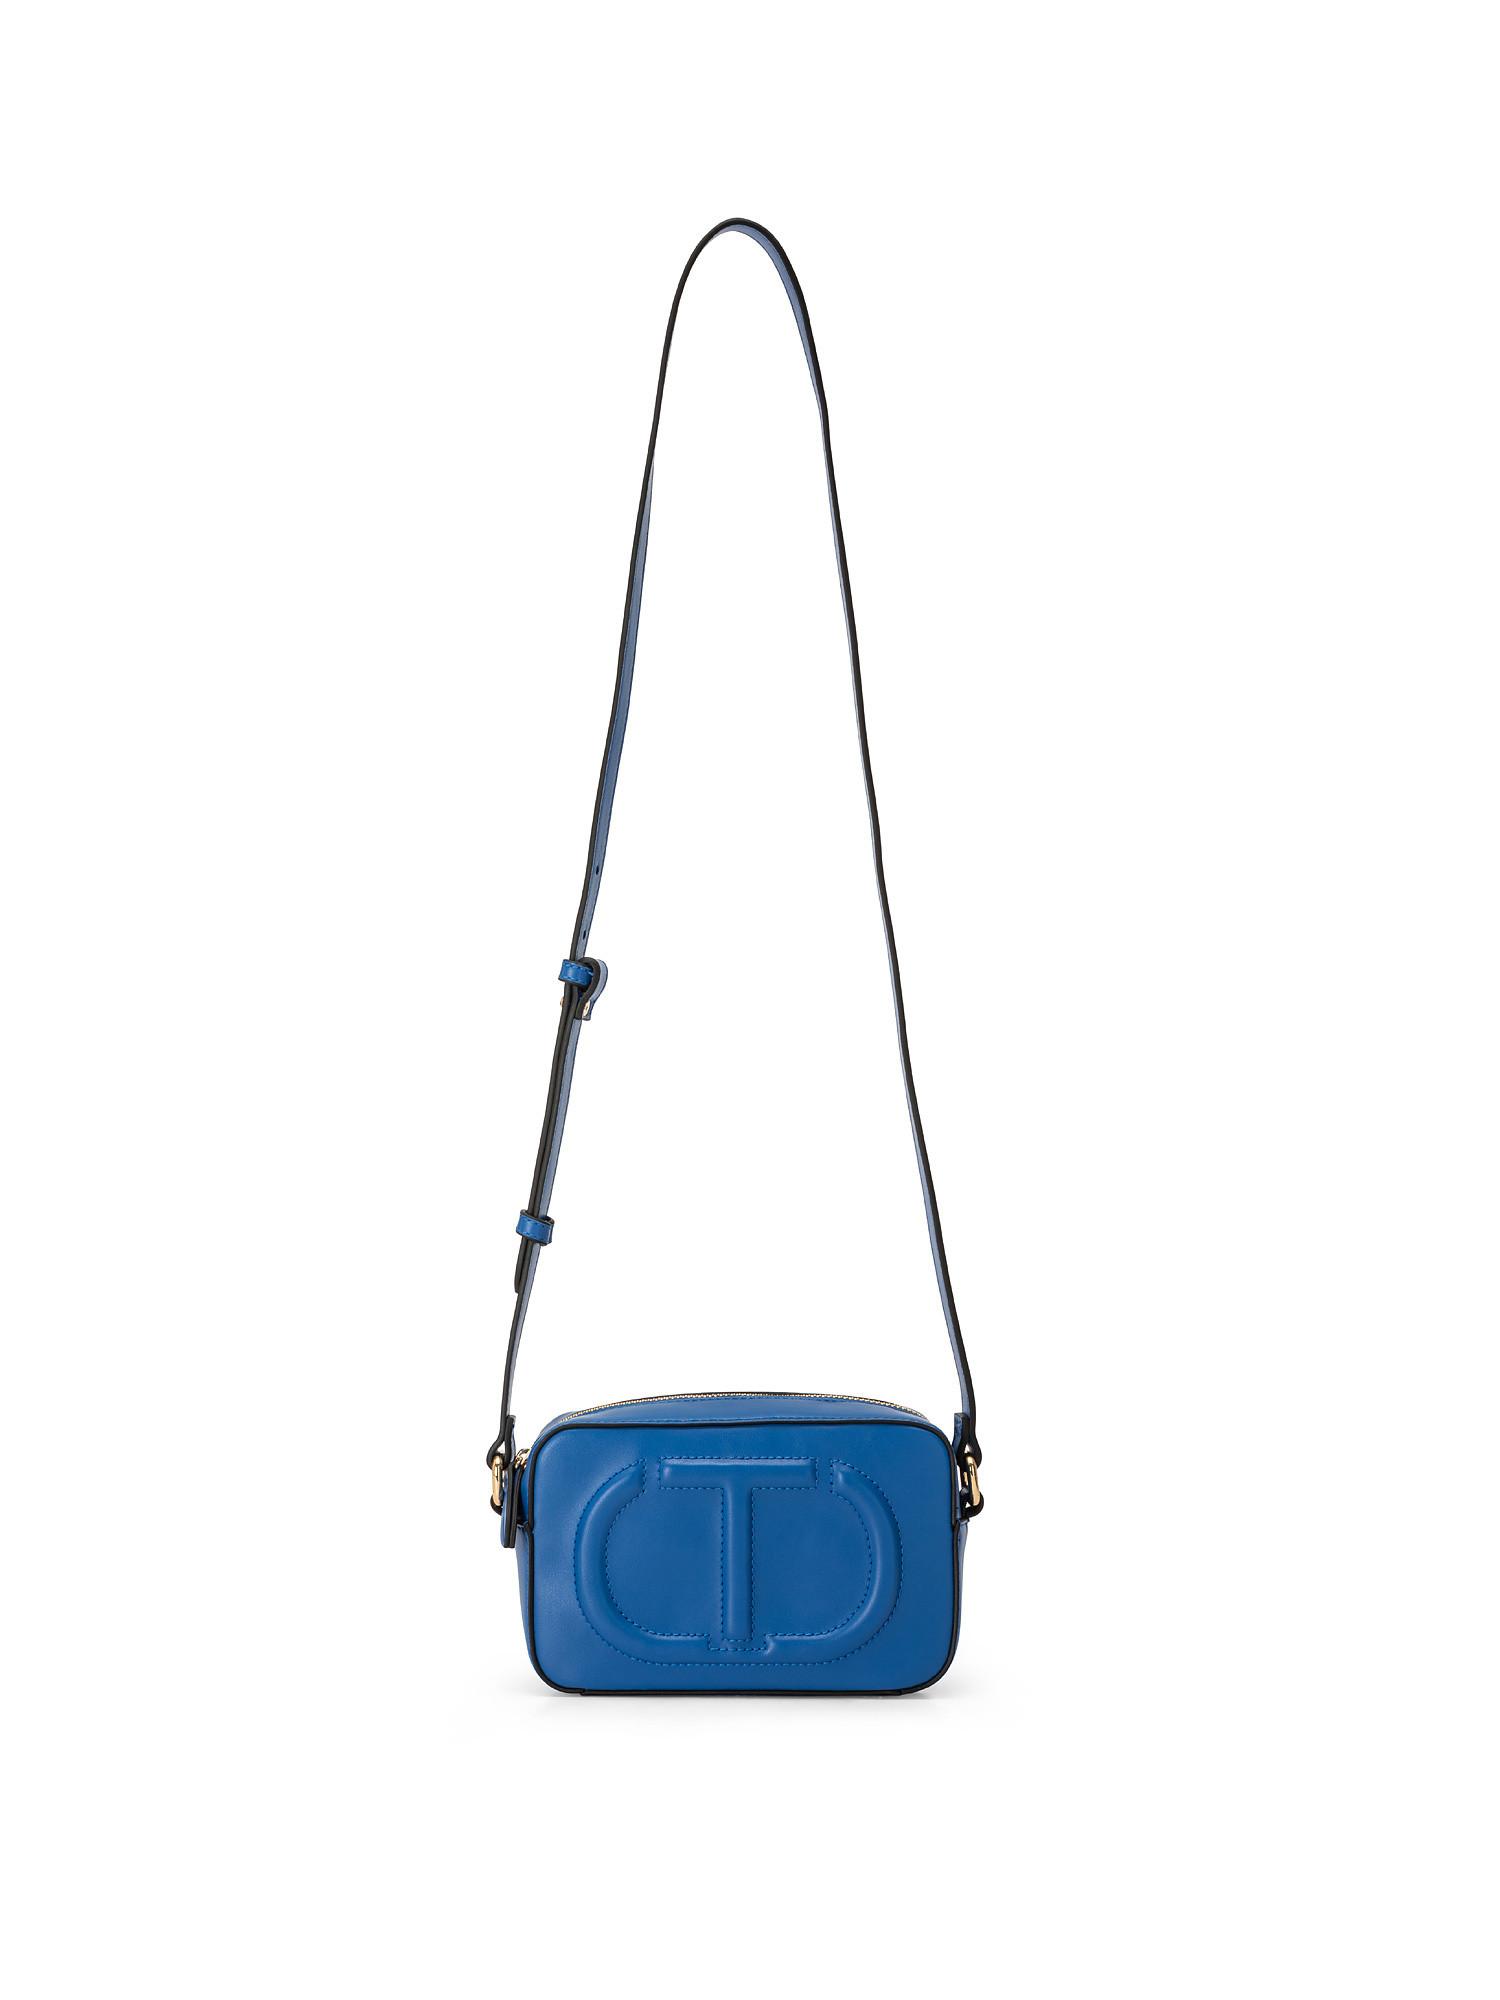 Tracolla piccola con zip e maxi logo trapuntato, Blu, large image number 0